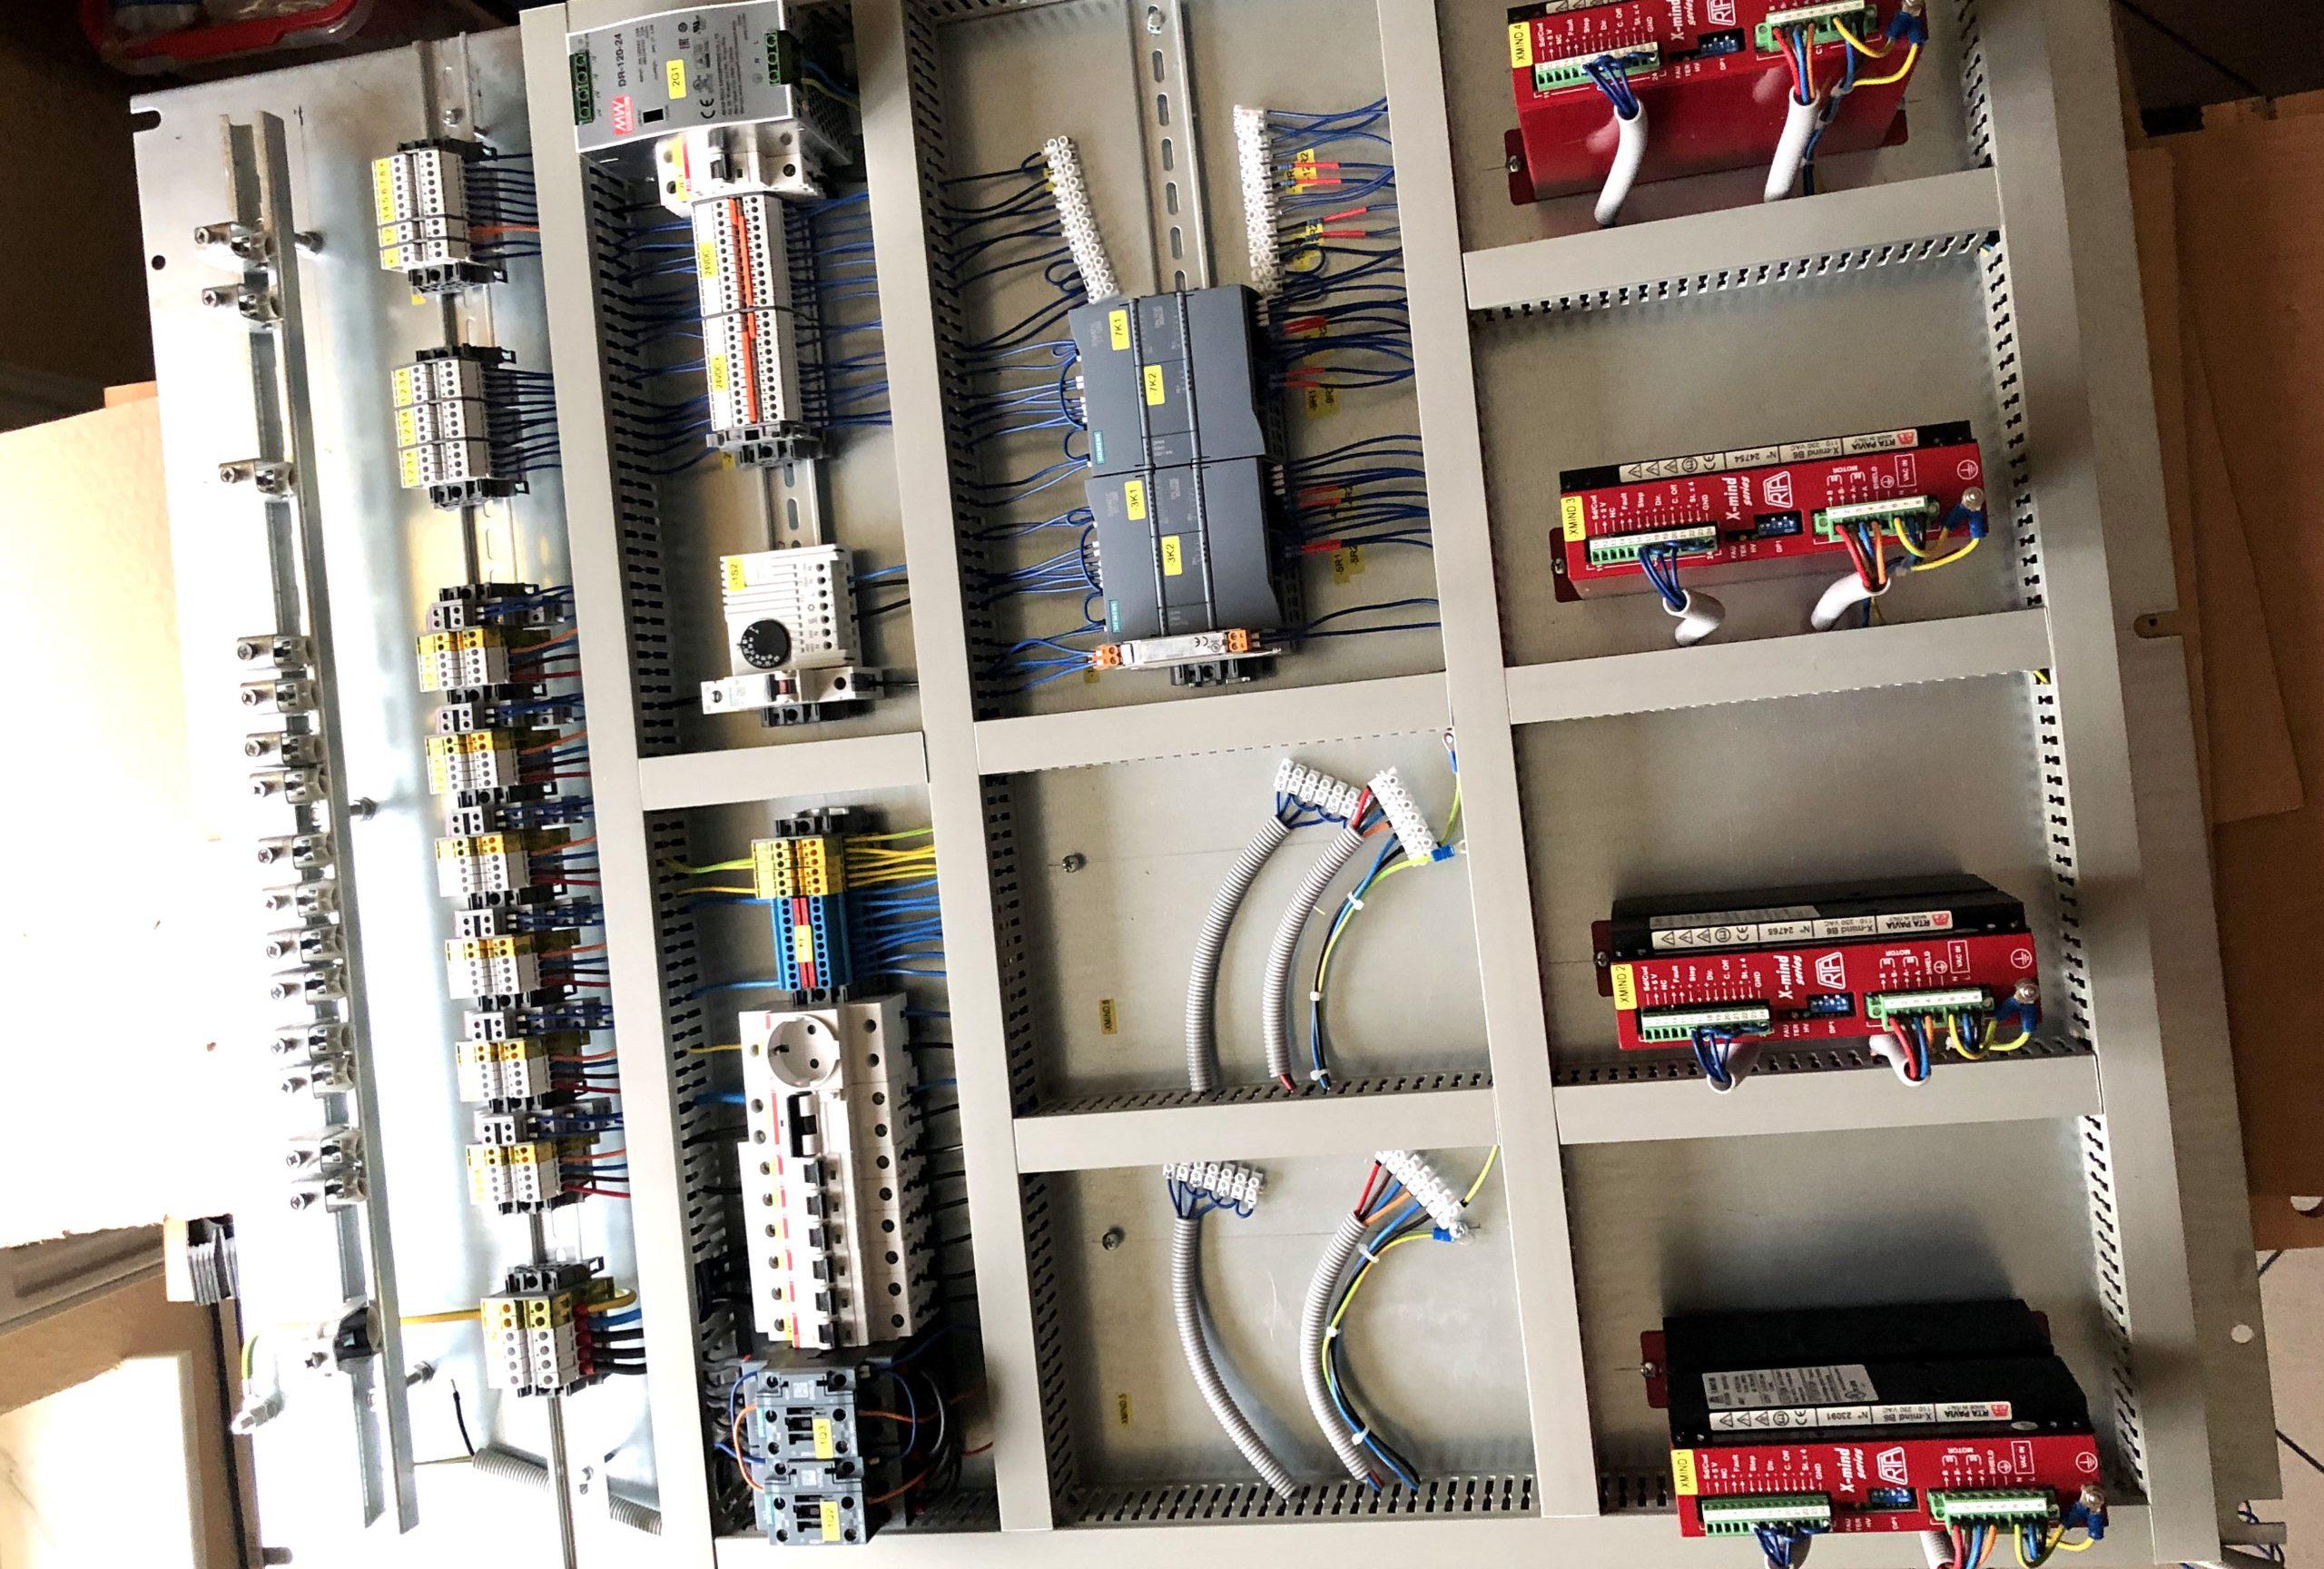 Schrittmotorensteuerung für die Papierindustrierie